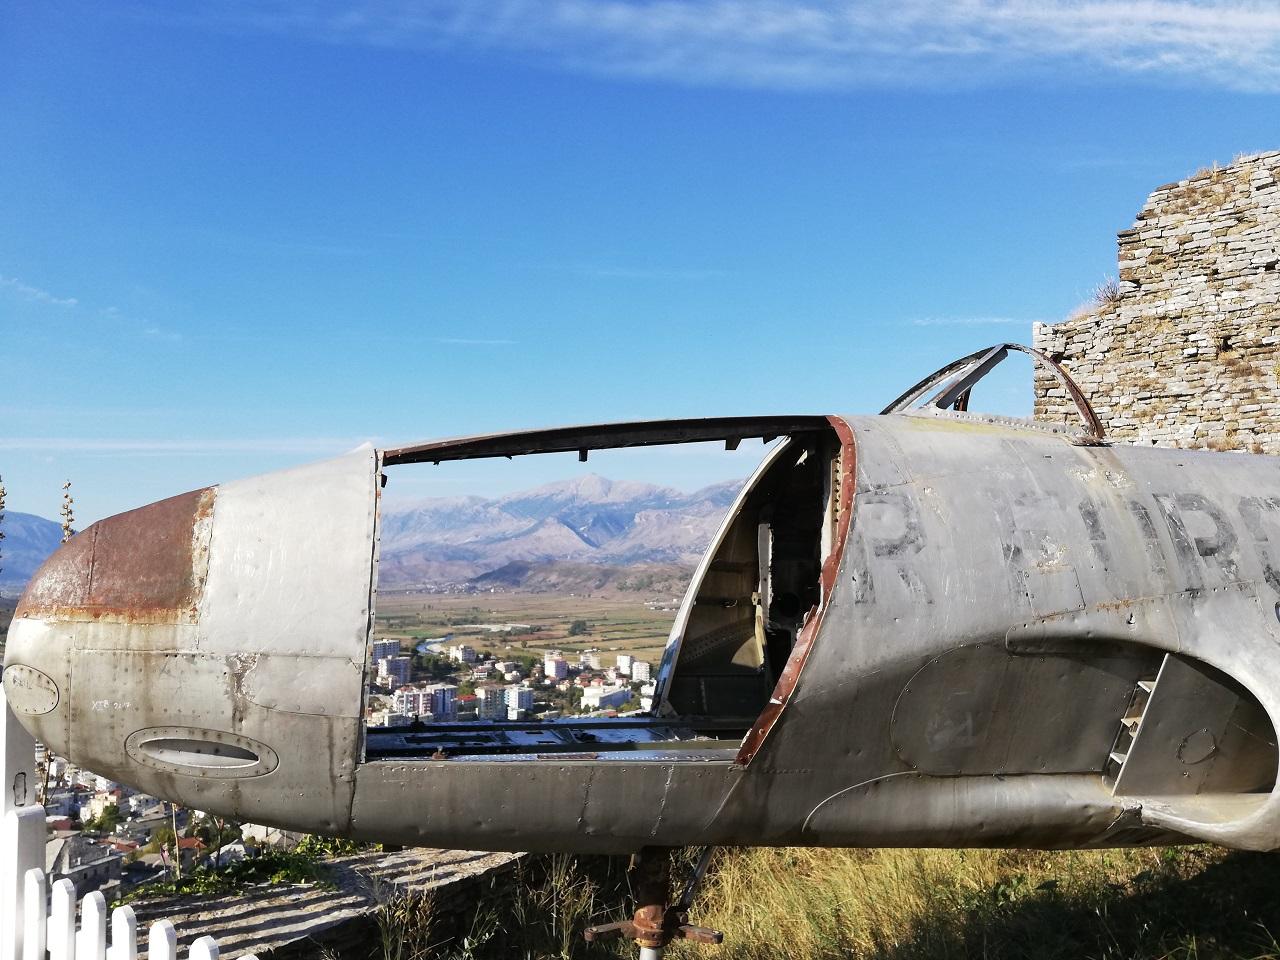 Flugzeug Gjirokaster